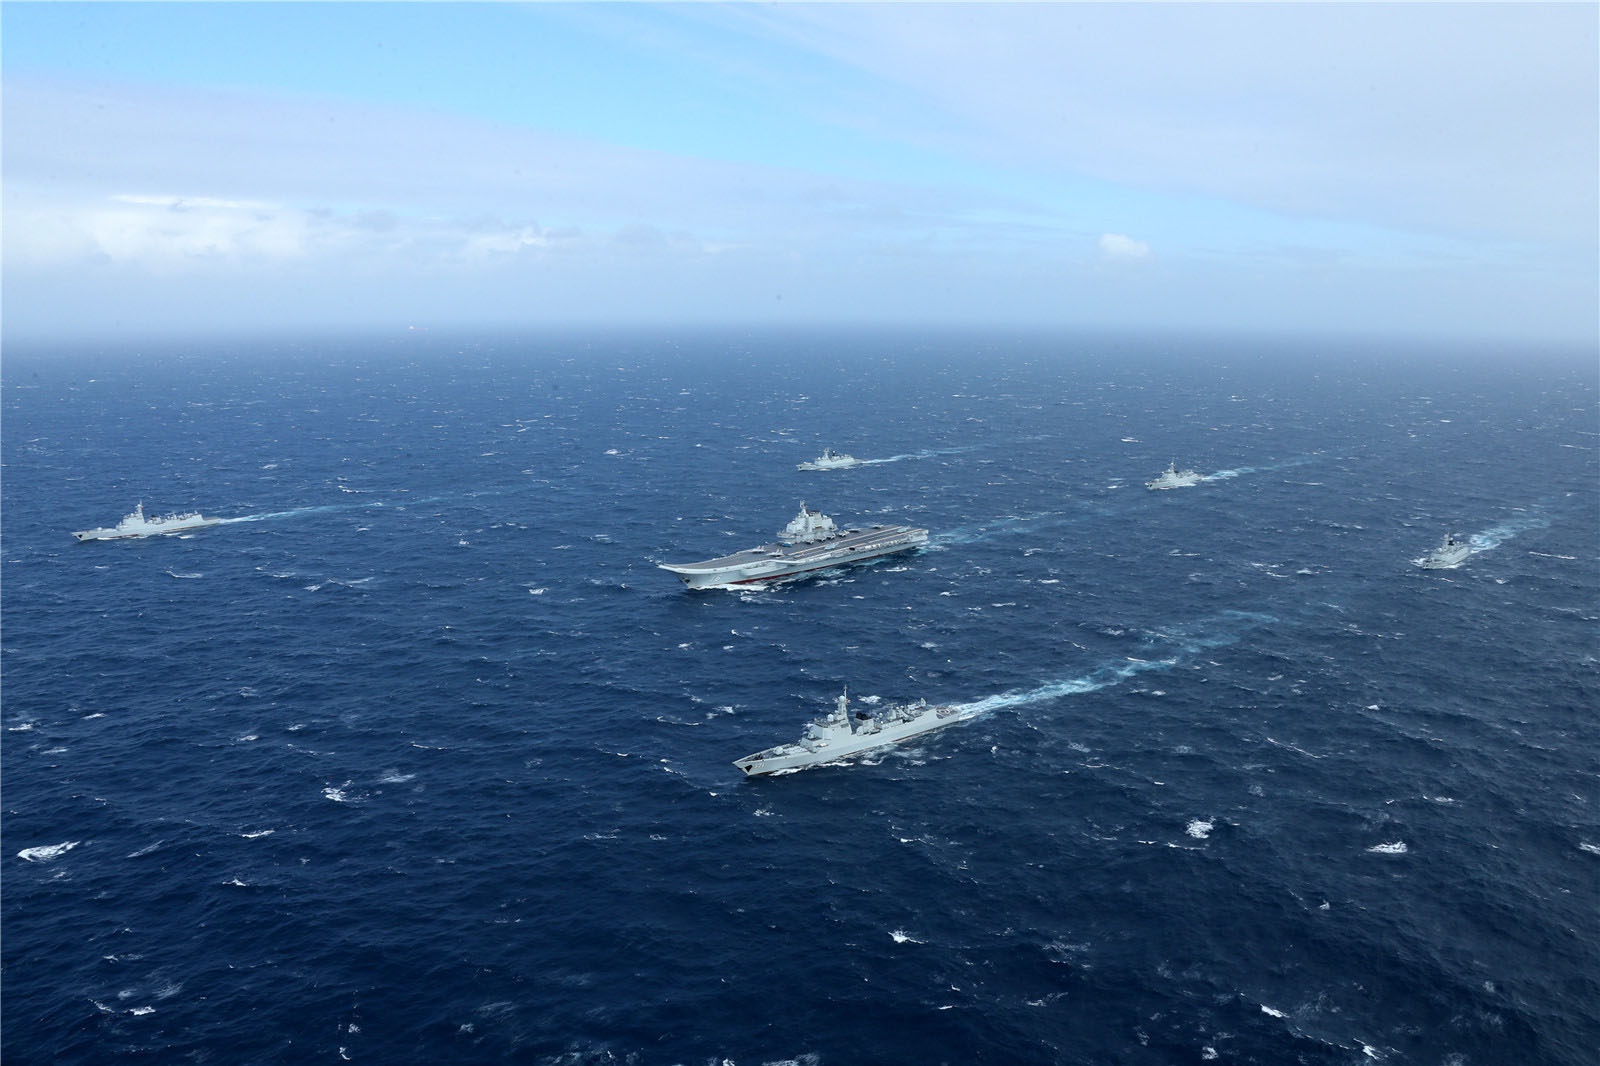 台媒:台全力监控辽宁舰动态 派护卫舰伴随北上